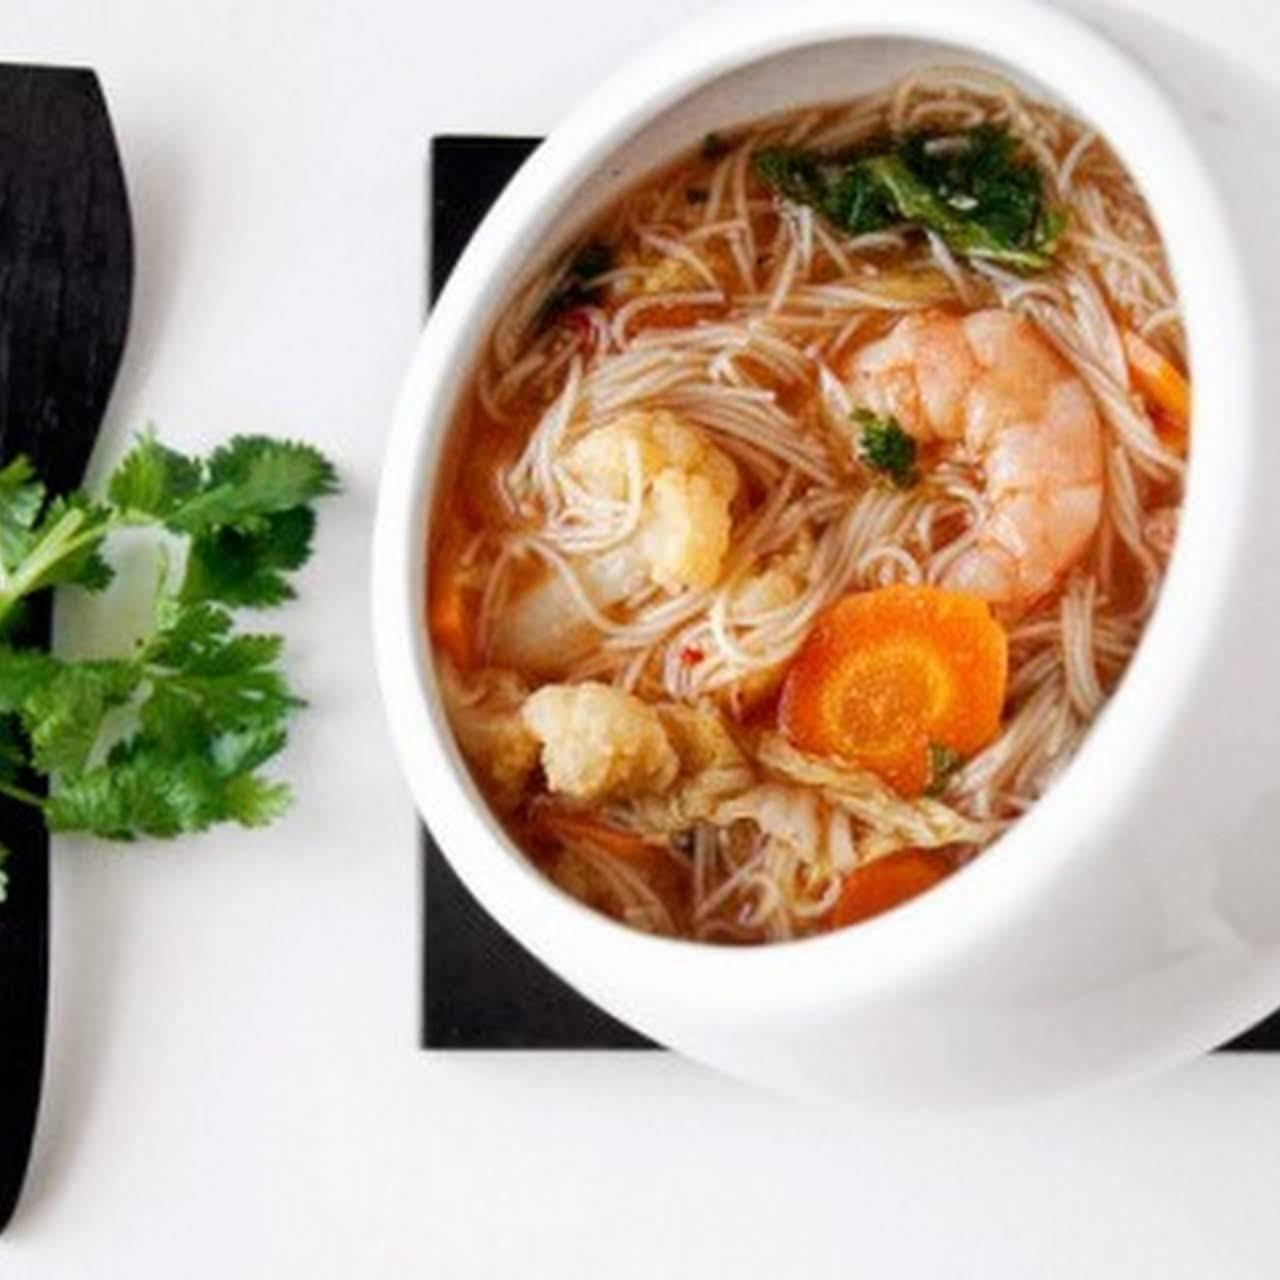 Spicy Asian Noodle Soup